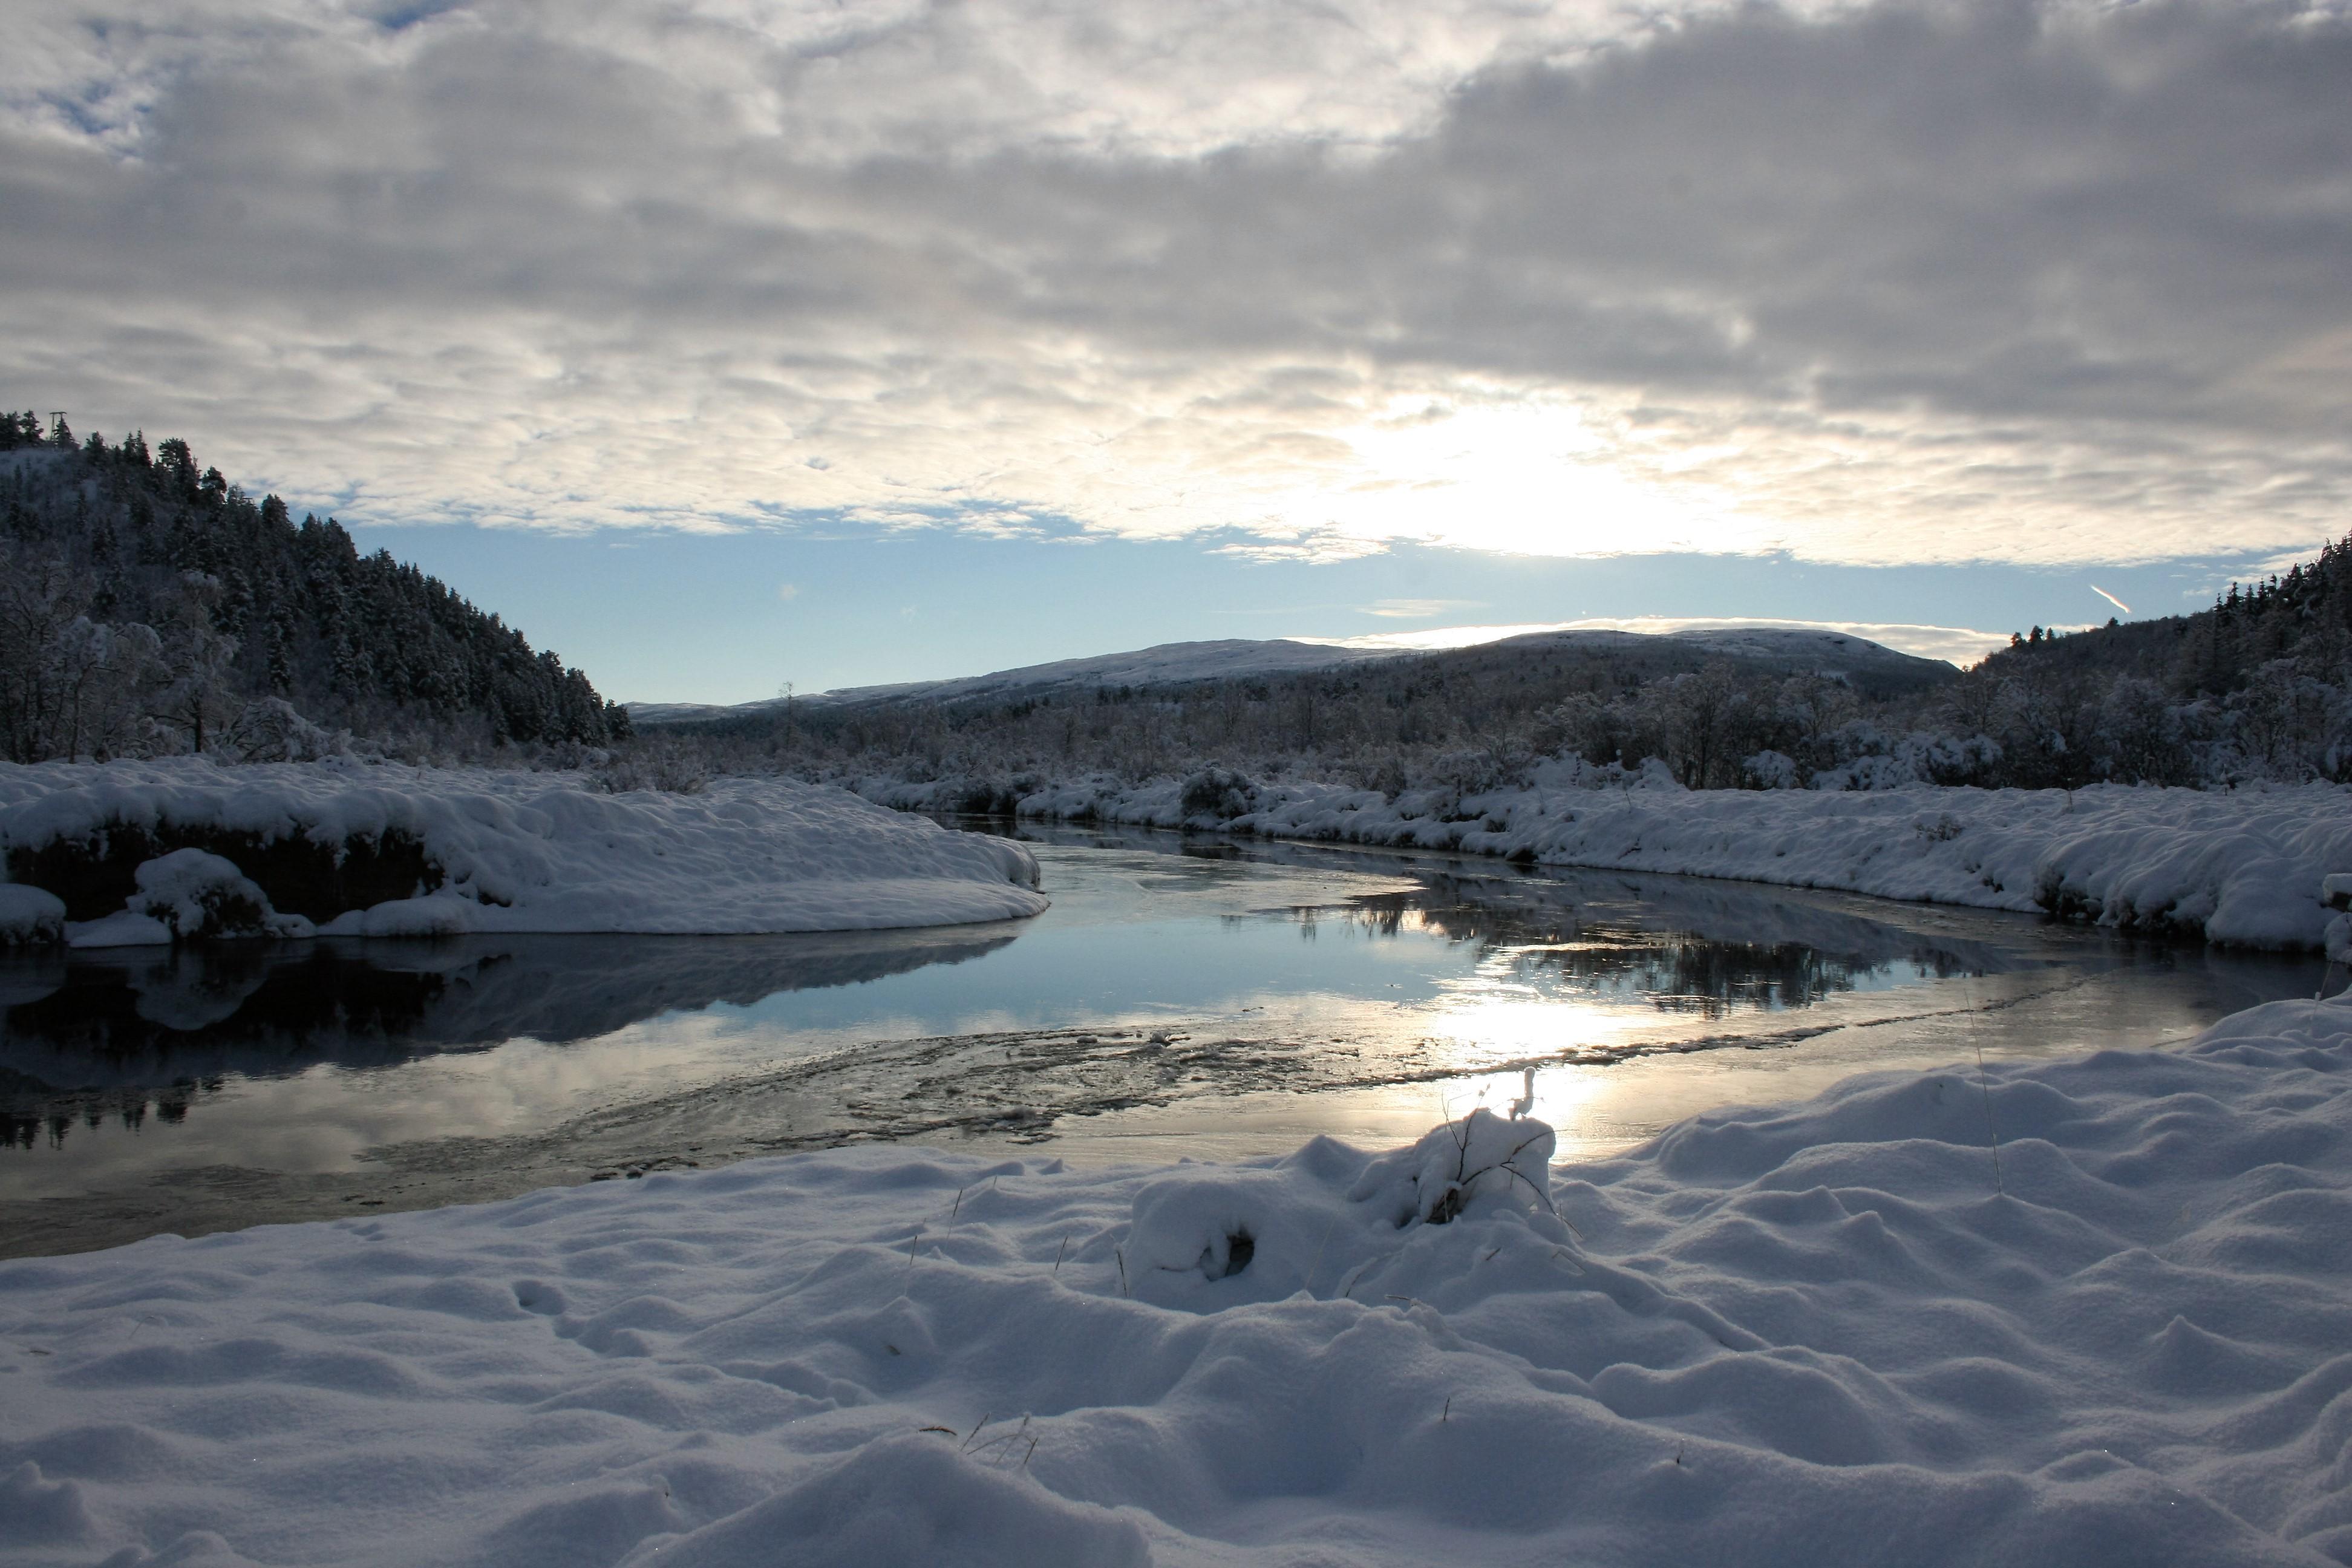 Winter at Hola river